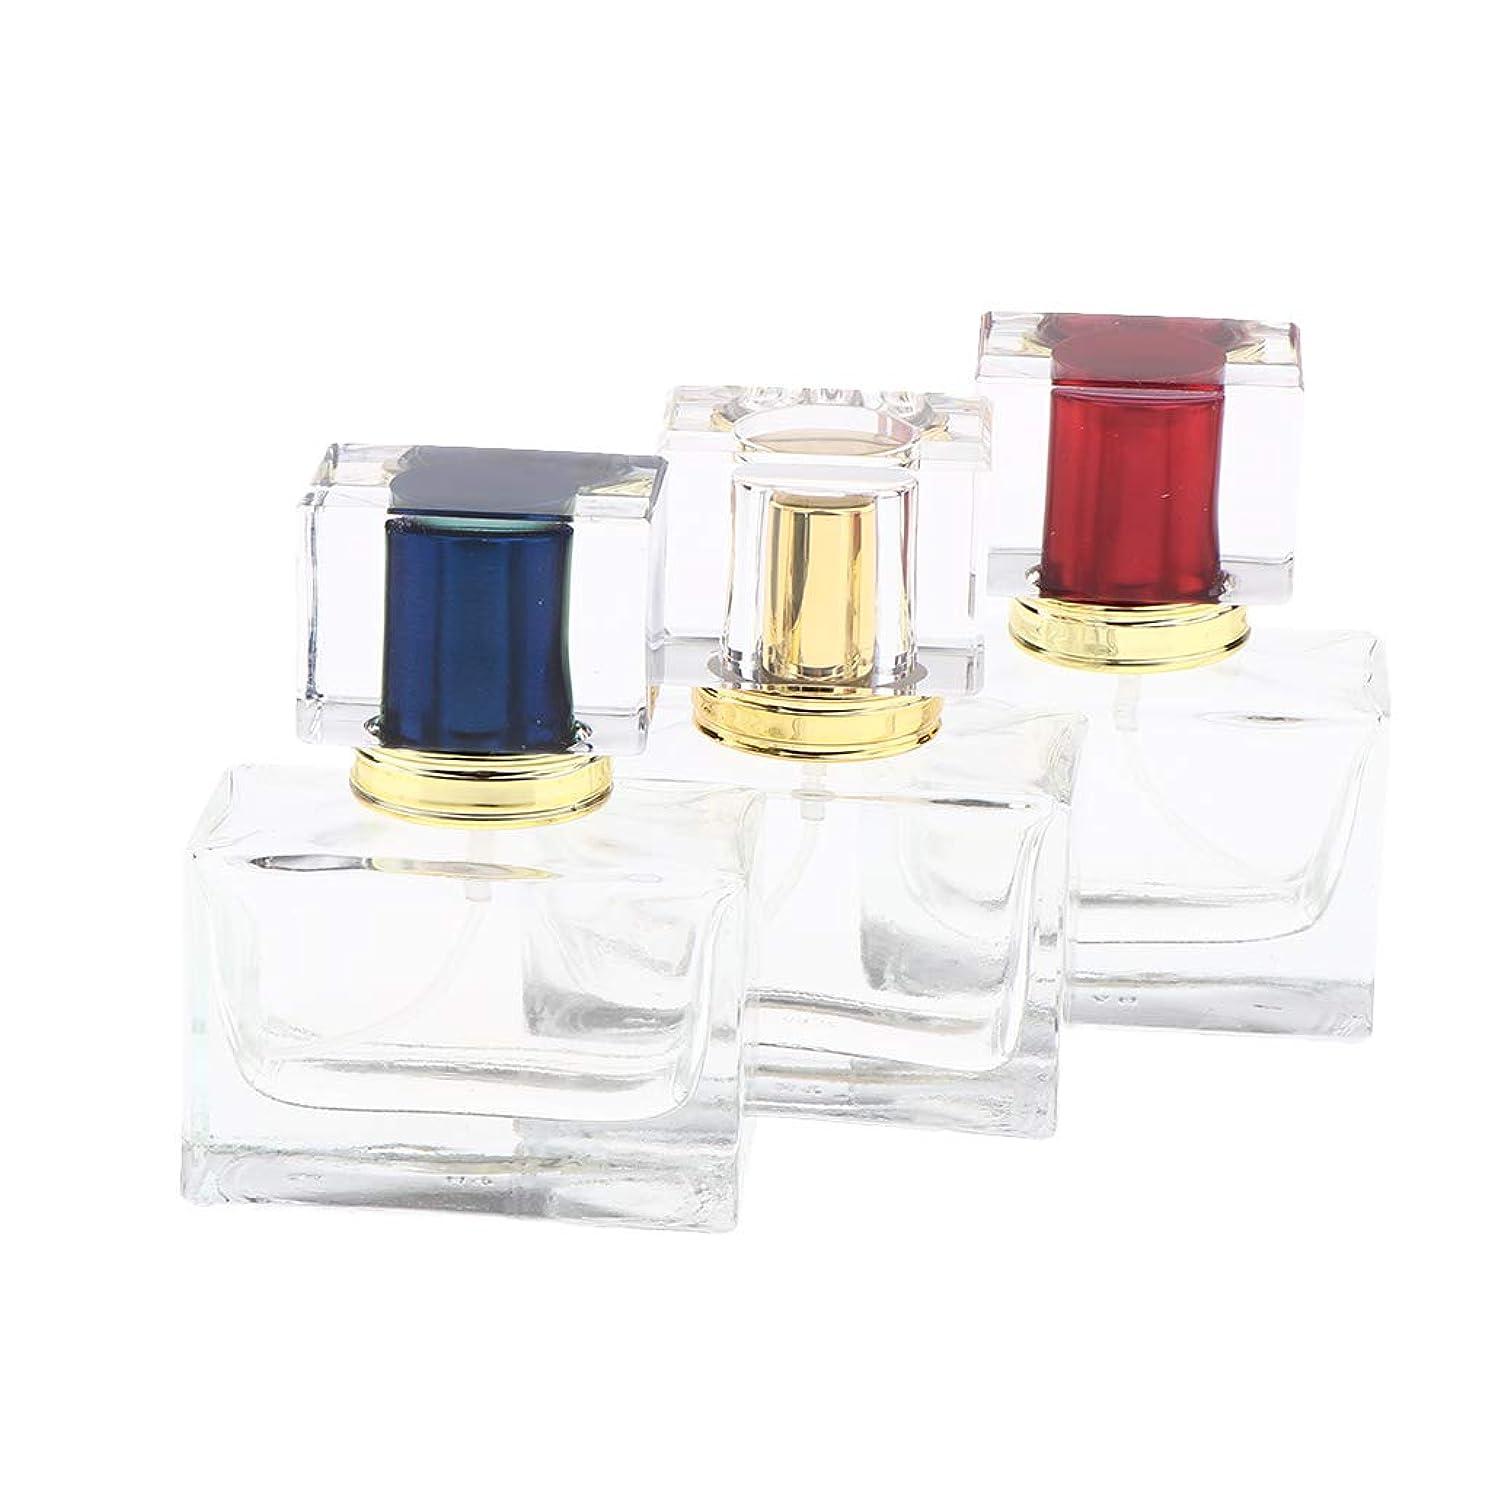 八転送盲目DYNWAVE 香水アトマイザー スプレーボトル 詰め替え容器 香水瓶 小型 旅行 持ち運び ロック可能 30ML